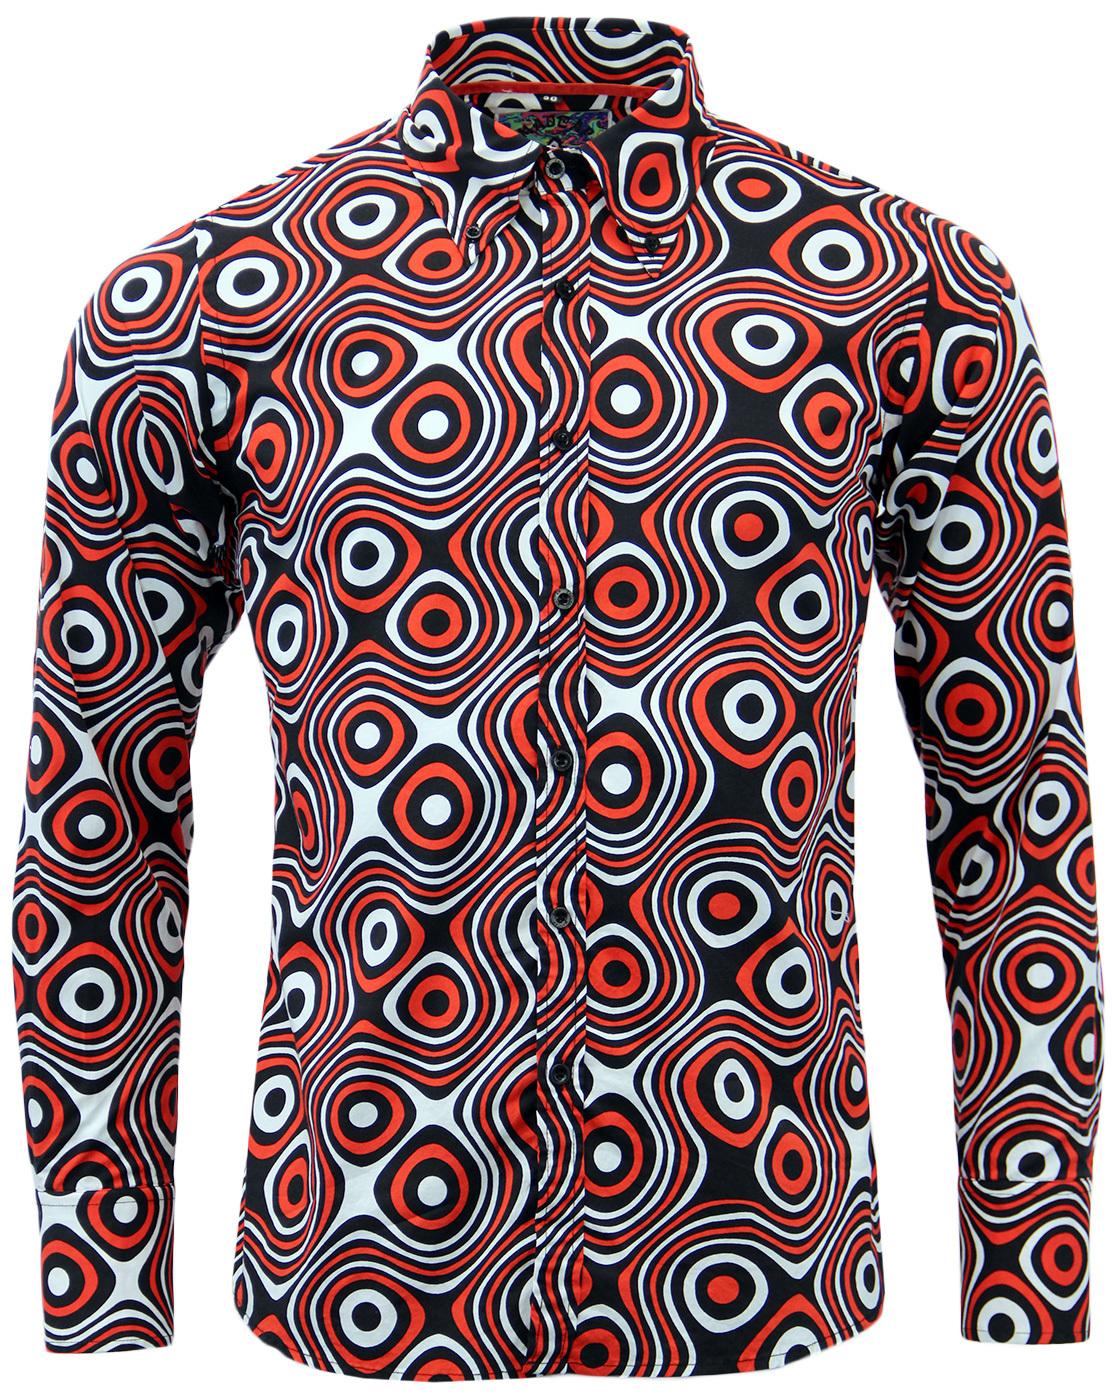 Trip Op Art MADCAP ENGLAND Mod Big Collar Shirt